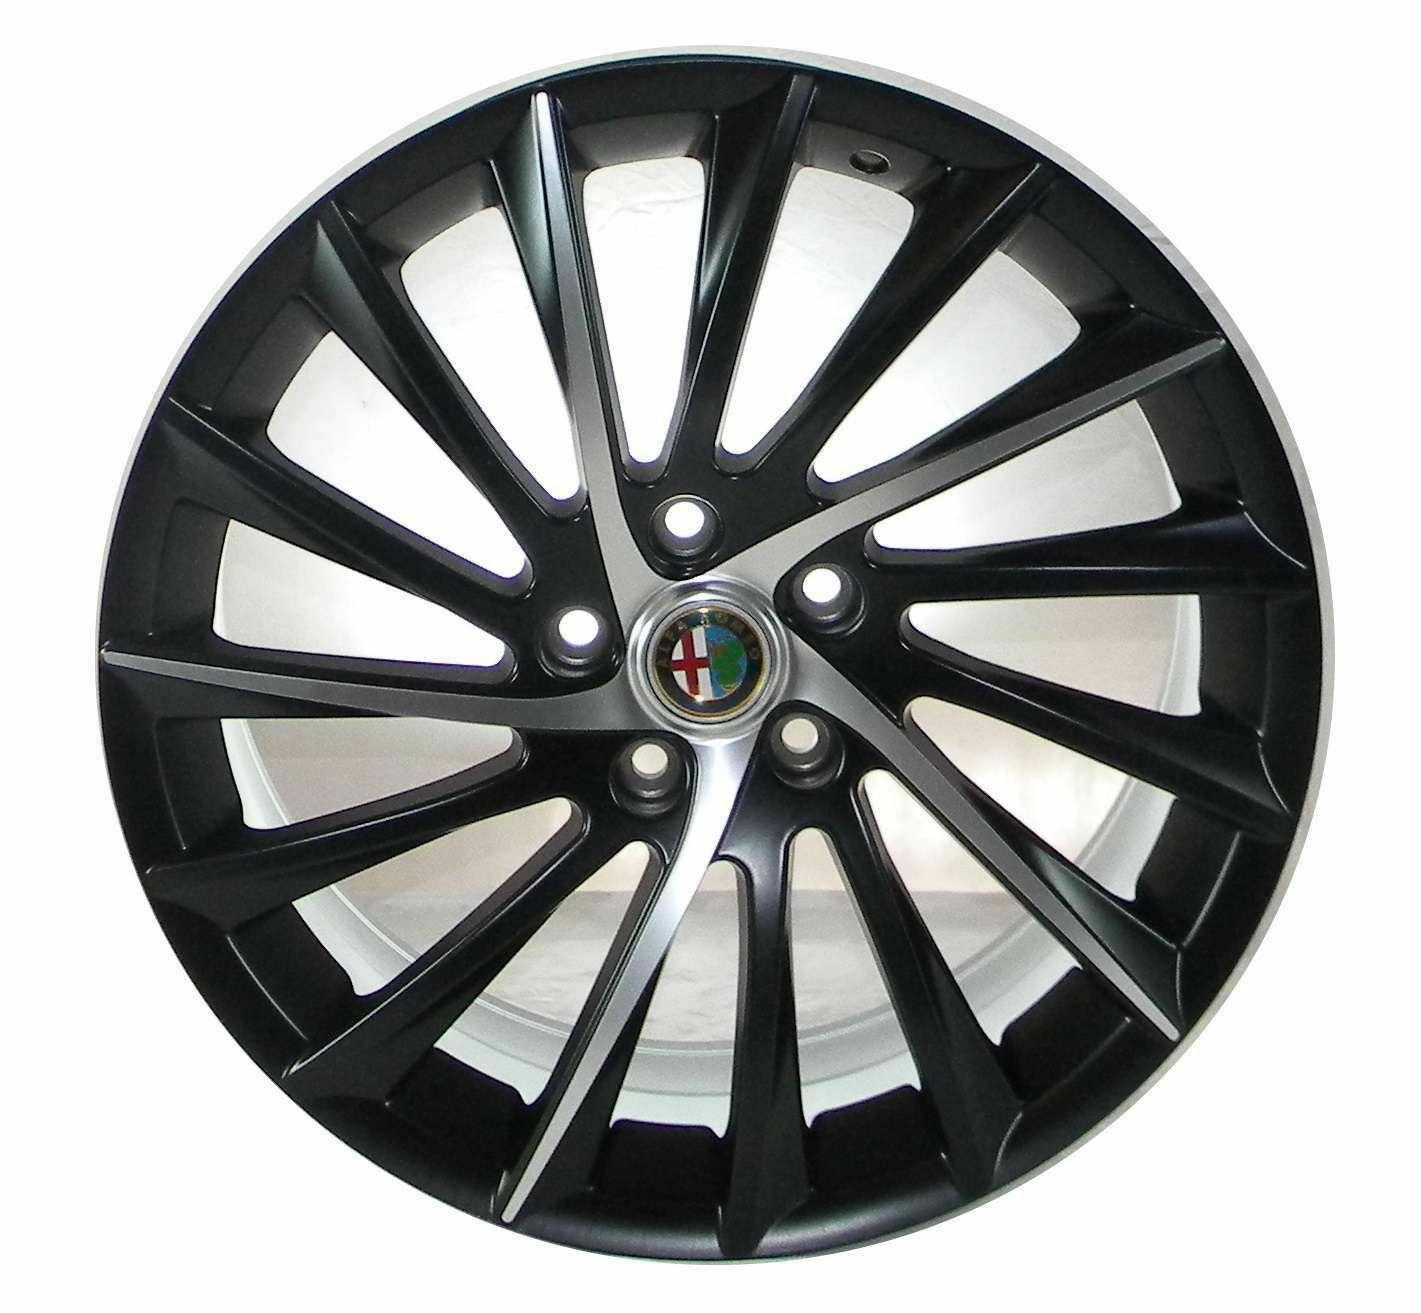 4x Cerchi In Lega Alfa Romeo Giulietta Stelvio Giulia